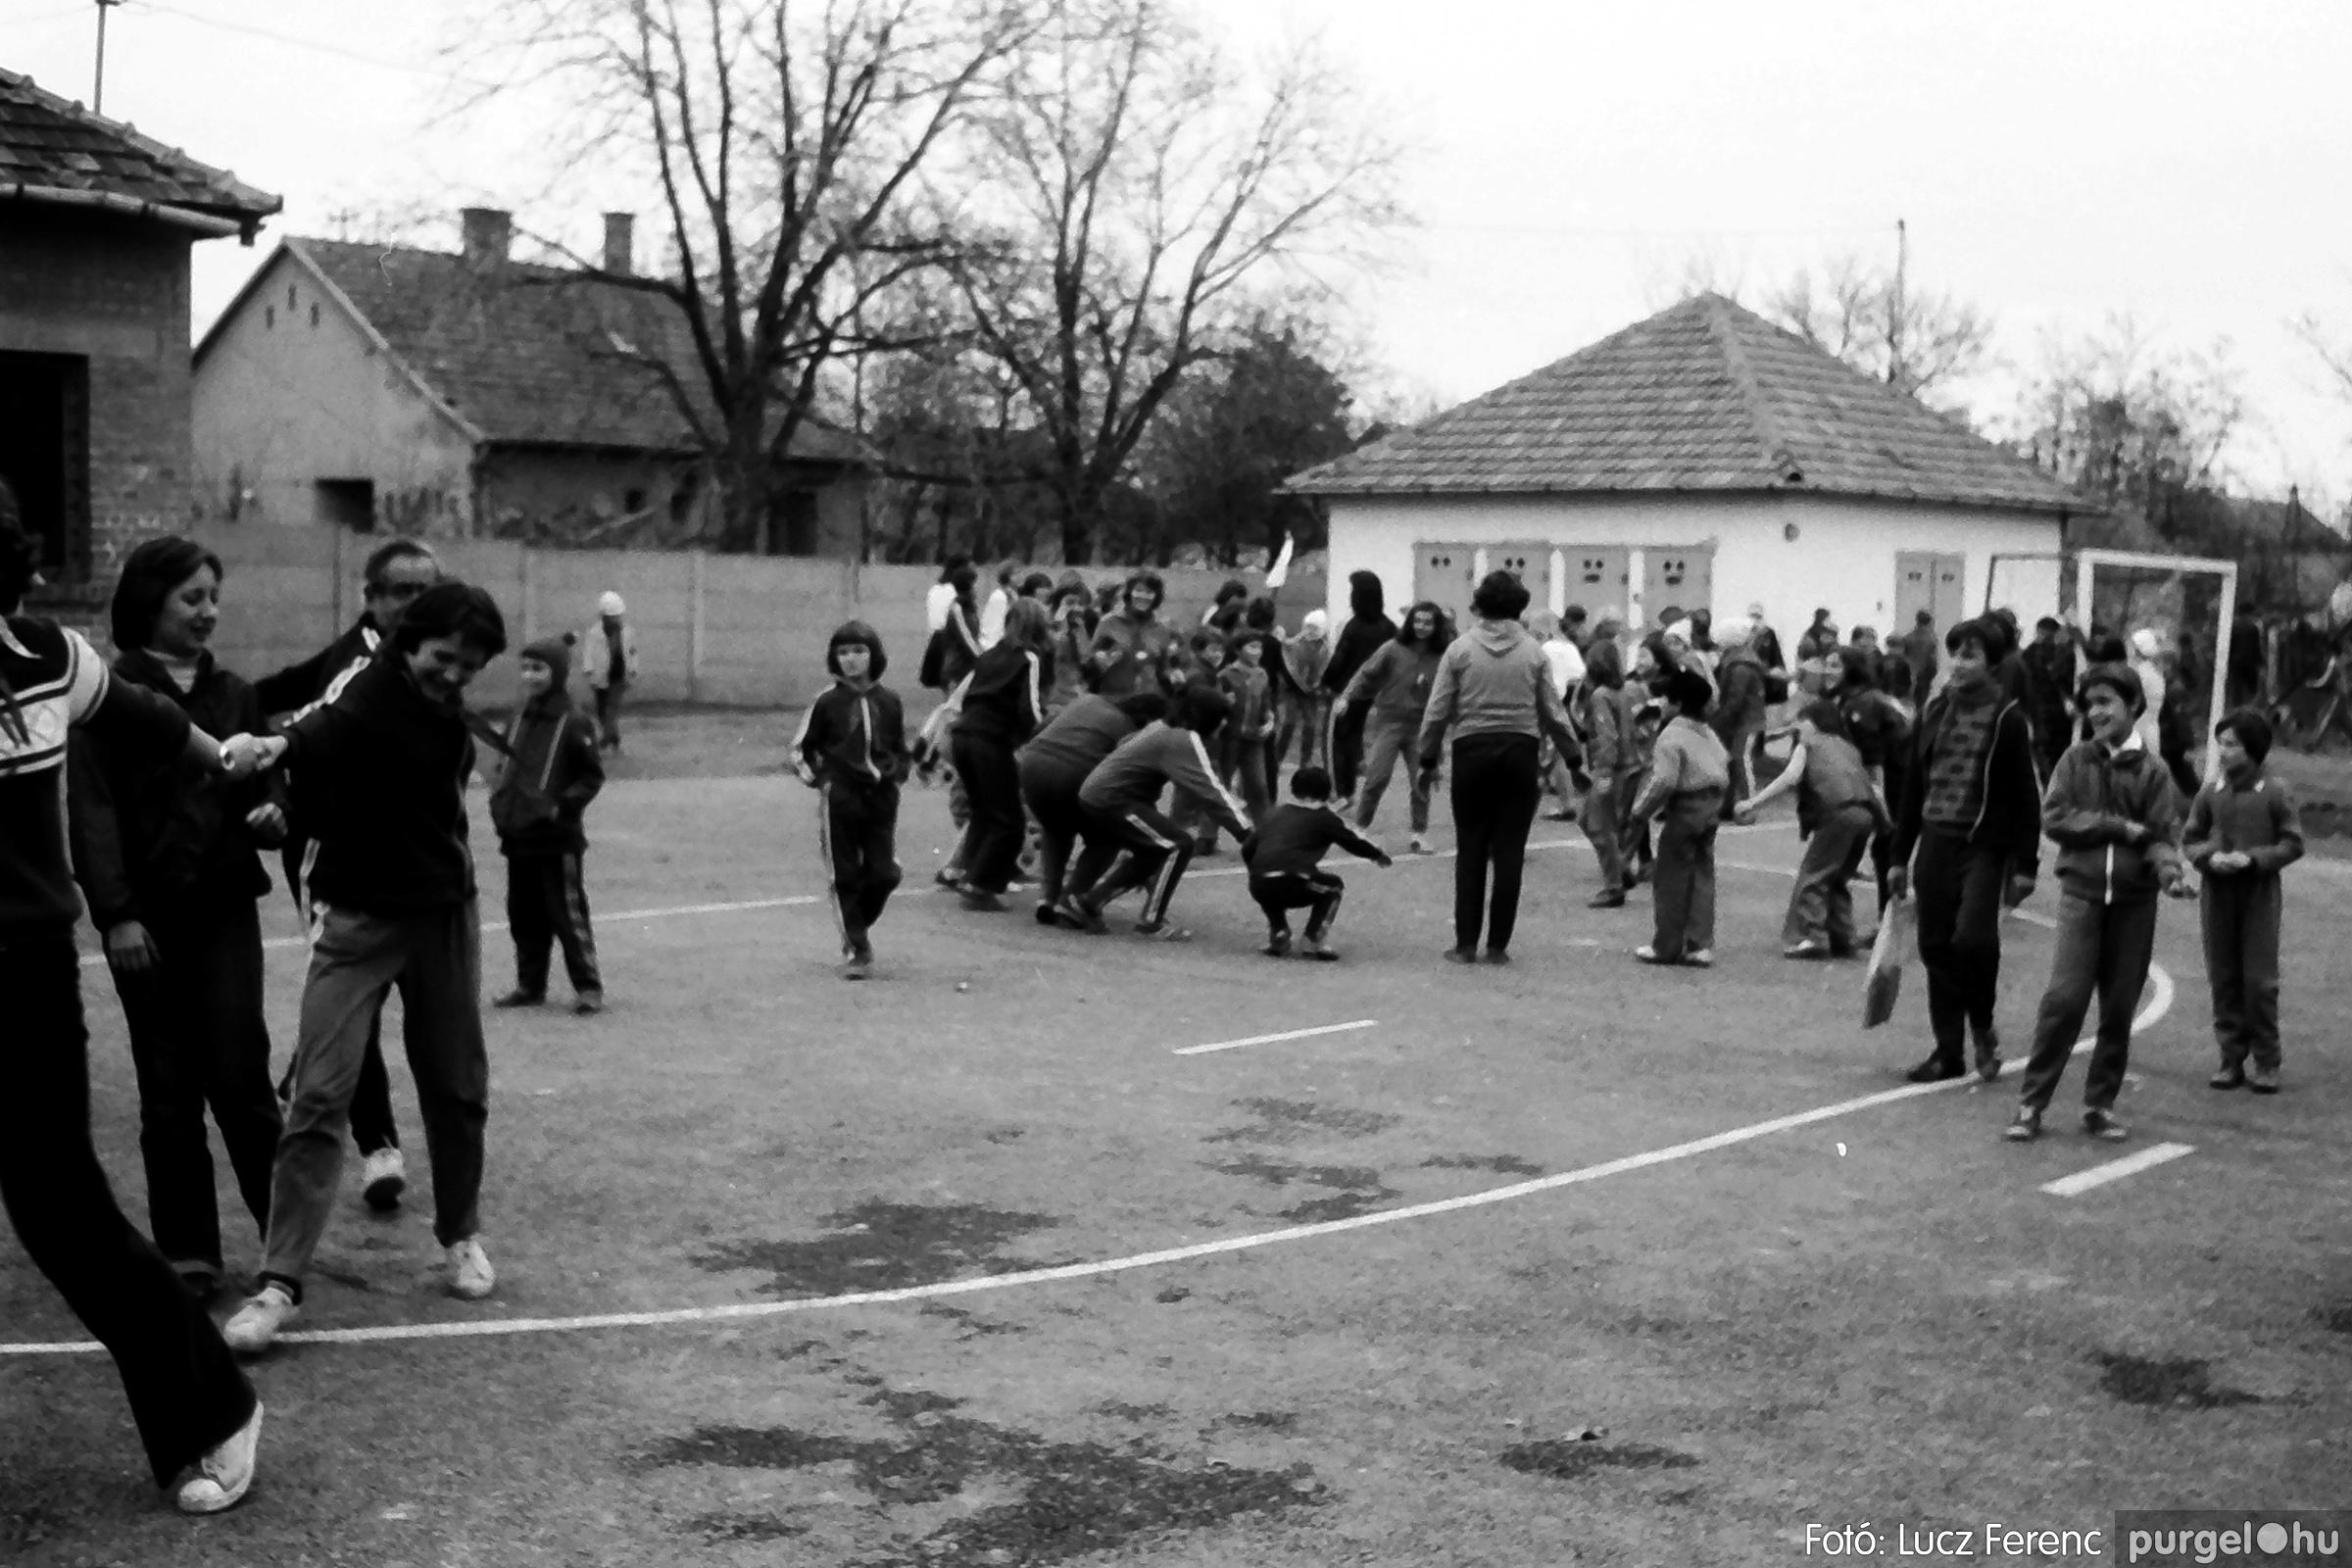 092. 1977. Úttörő rendezvény a Központi Általános Iskolában 021. - Fotó: Lucz Ferenc.jpg